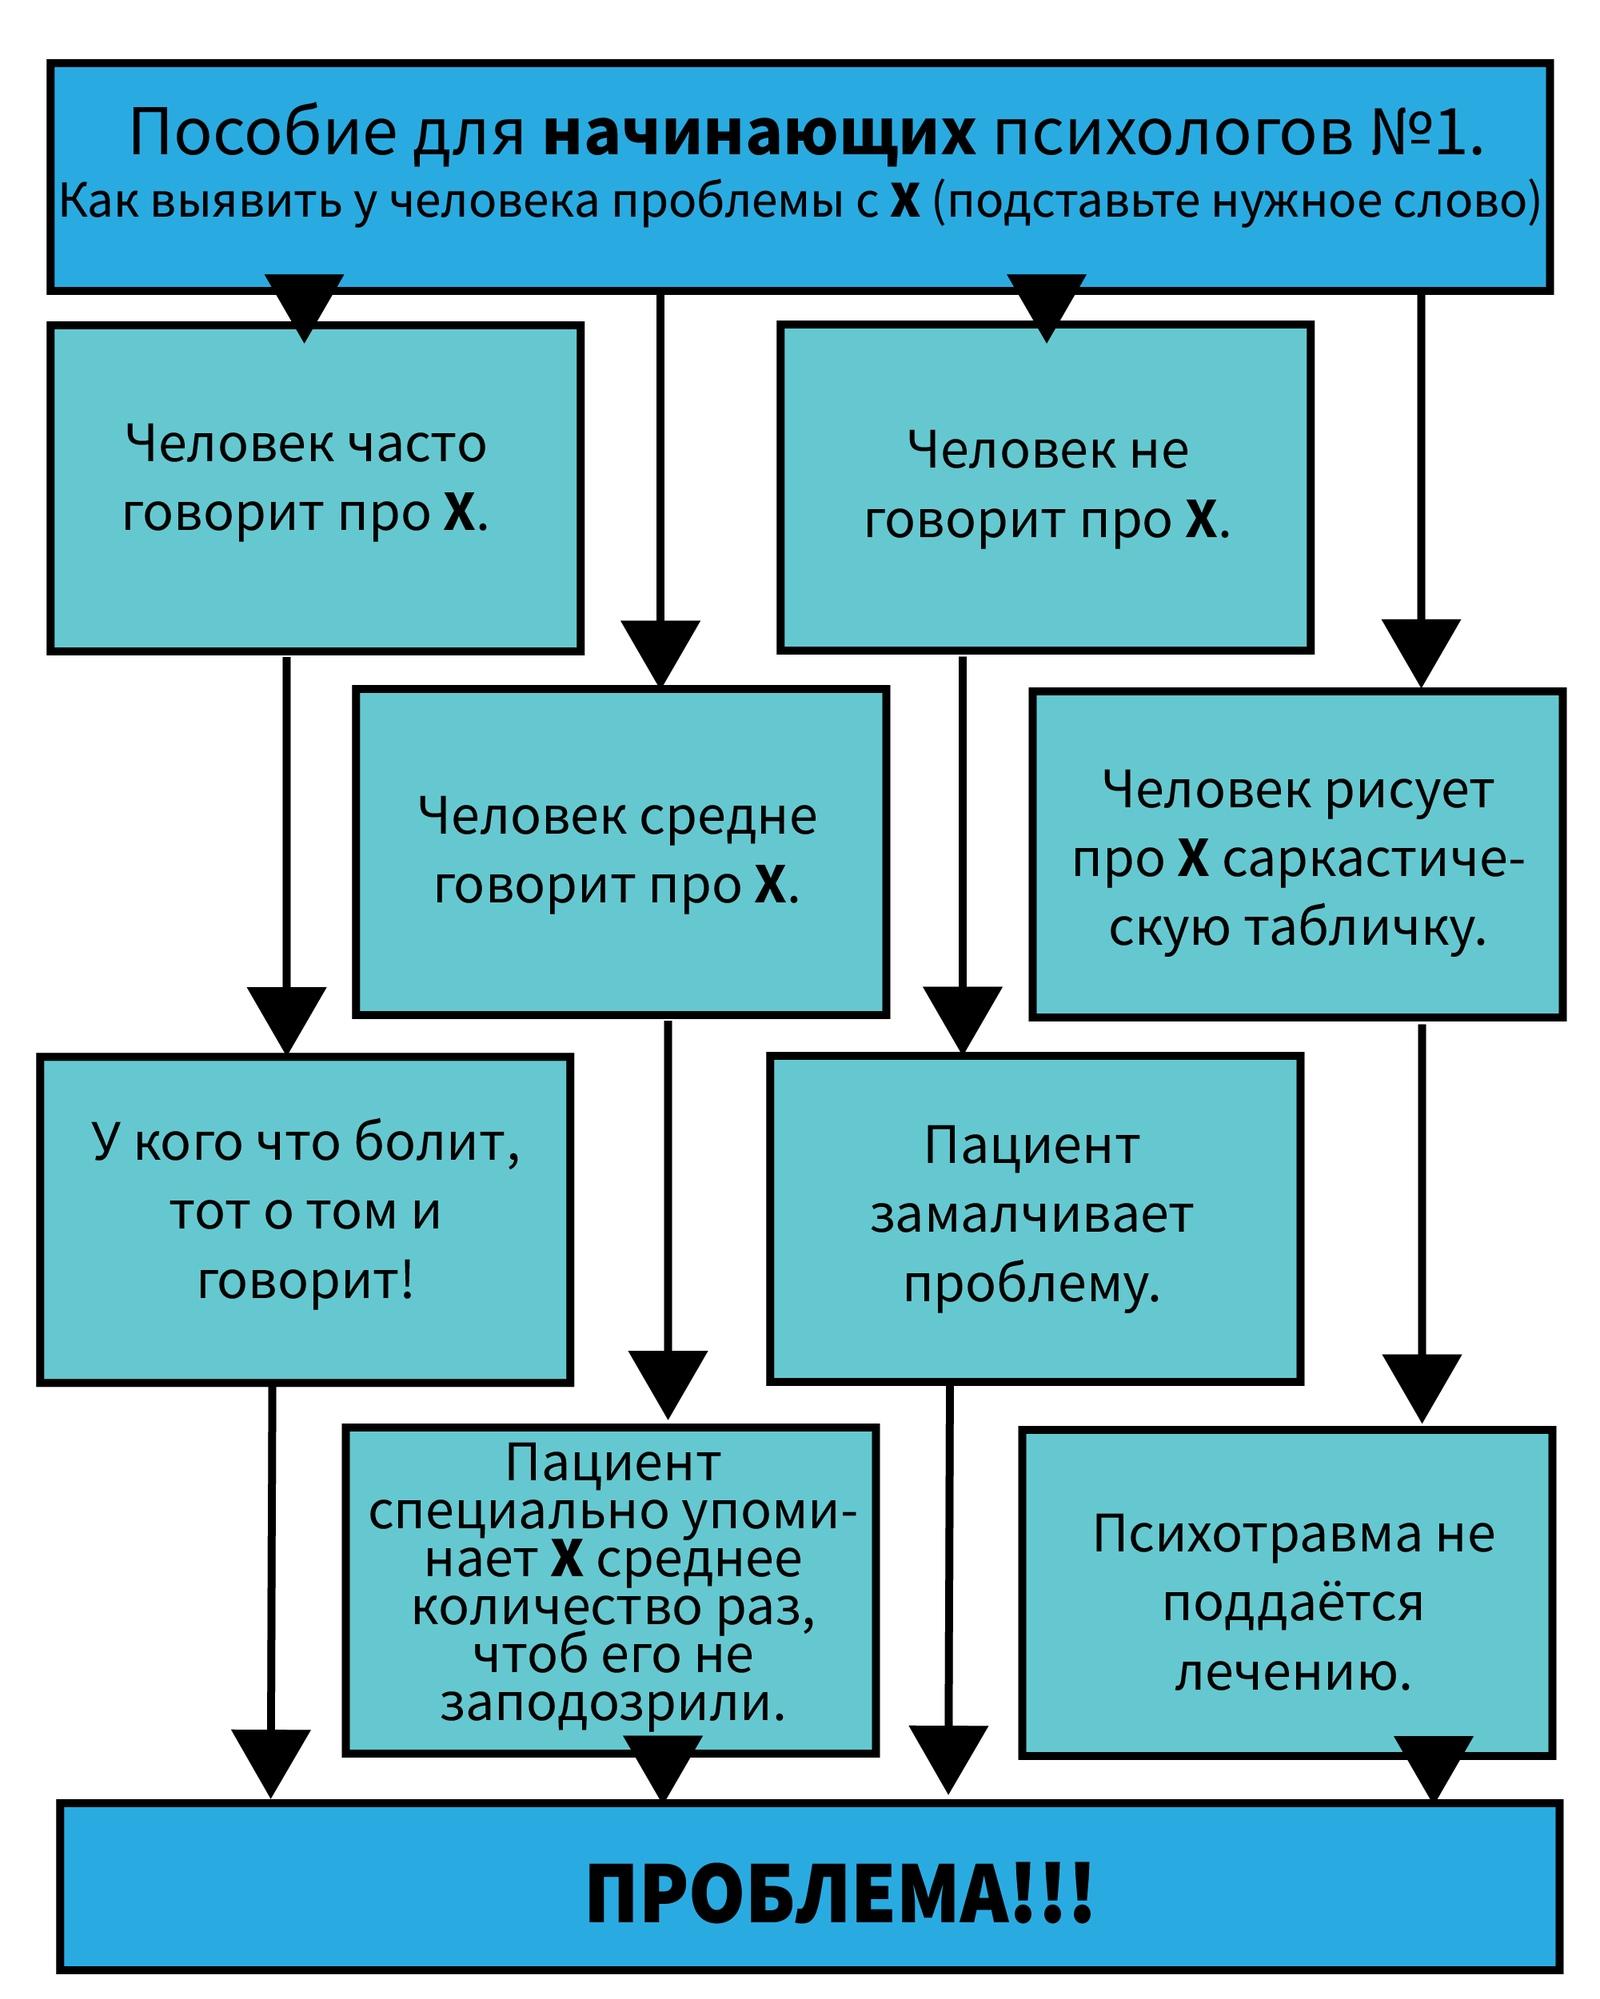 Пособие для начинающих психологов №1